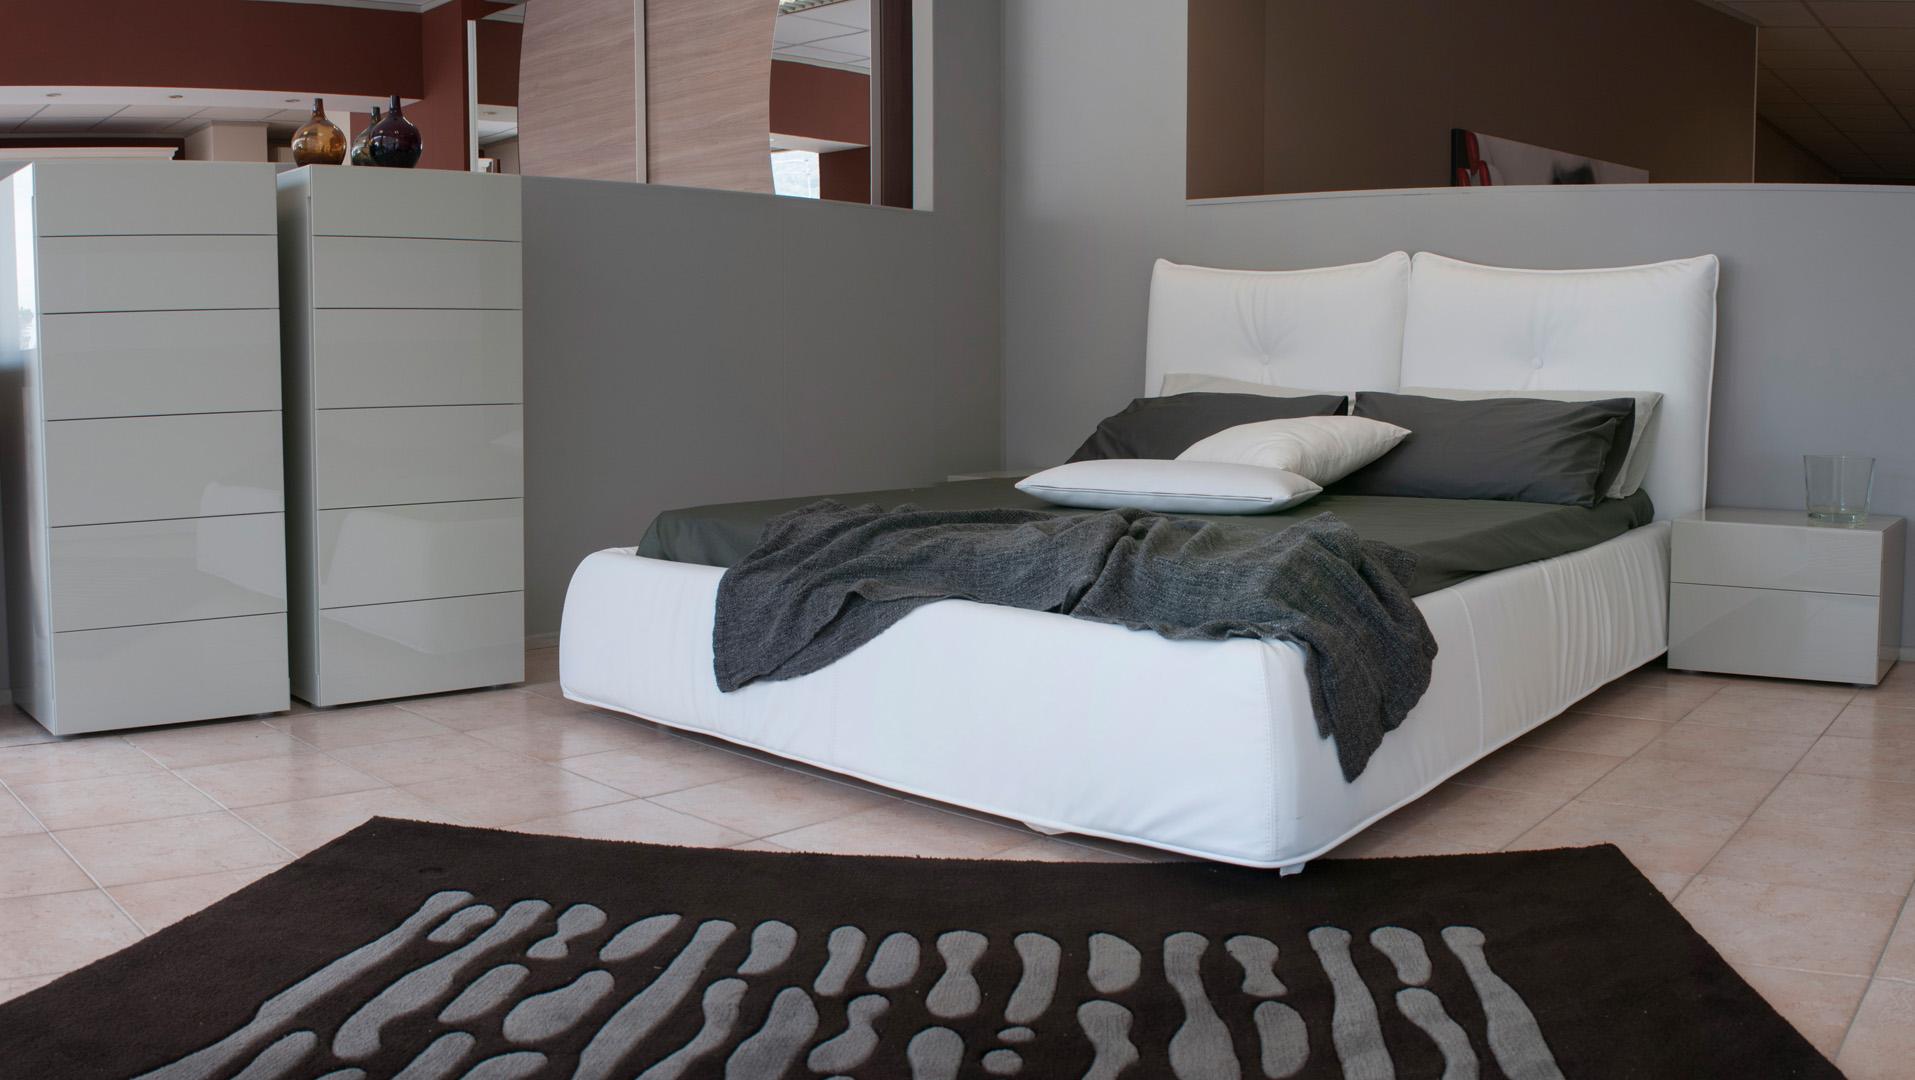 Le camere matrimoniali camere matrimoniali moderne - Mobilificio mercatone uno ...